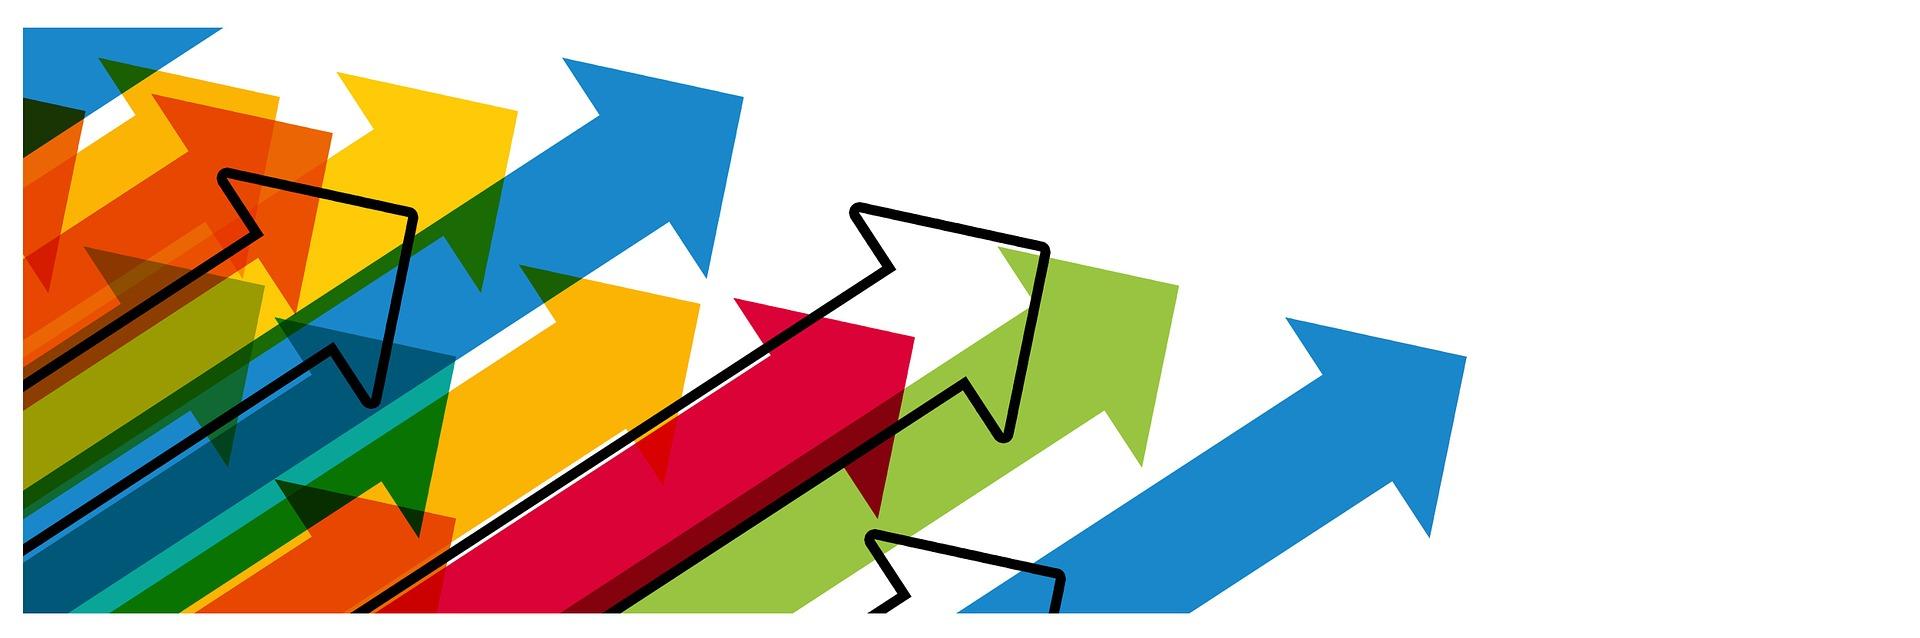 سبع نصائح لنمو الشركات الناشئة سريعًا